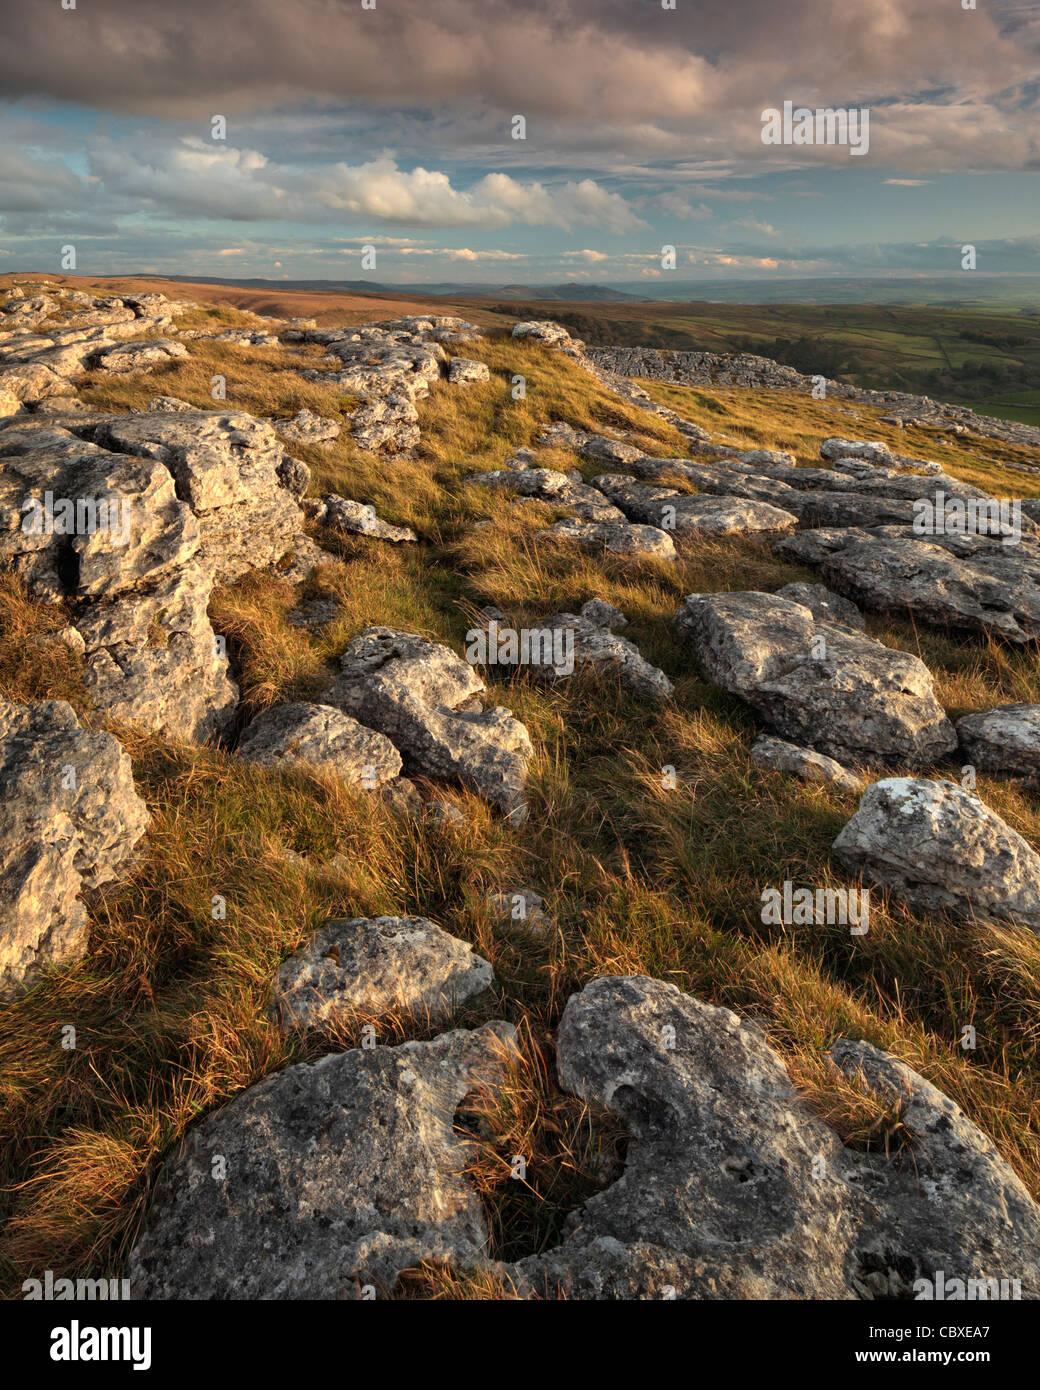 Luz del atardecer en la bella y agreste paisaje de Malhamdale, Yorkshire, Inglaterra Imagen De Stock